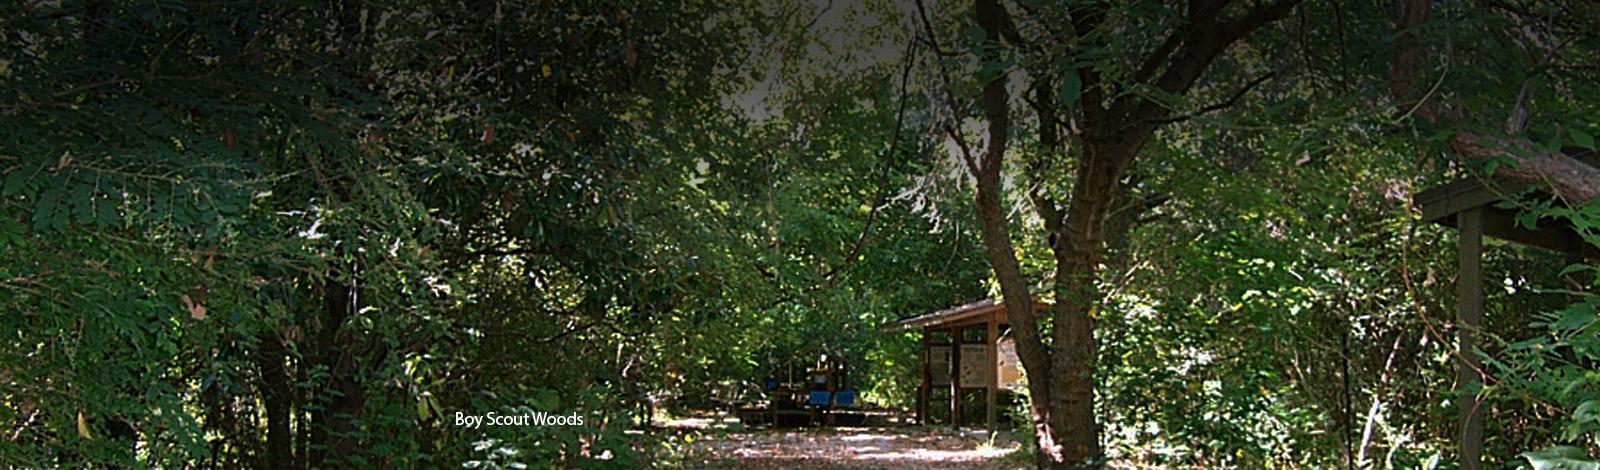 Boy Scout Woods High Island Sanctuaries Houston Audubon